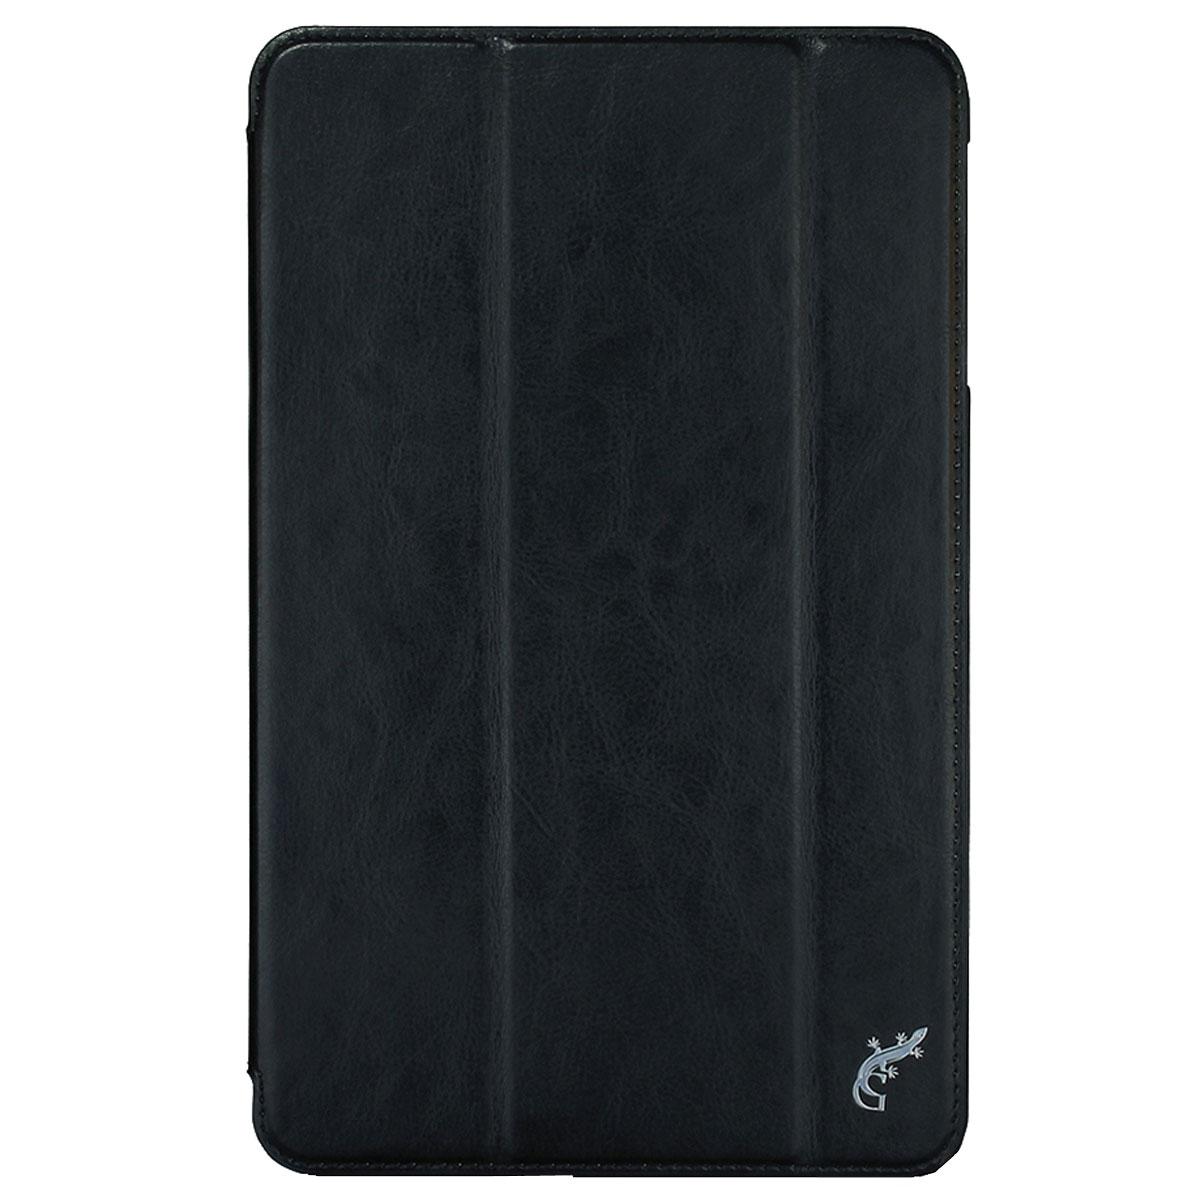 G-Case Slim Premium чехол для Samsung Galaxy Tab Е 9.6, BlackGG-620Защитный чехол G-Case Slim Premium для планшета Samsung Galaxy Tab Е 9.6 отличается высокой степенью защиты от попадания влаги и пыли, а также падений и механических ударов. Среди конструктивных особенностей защитного чехла G-case можно отметить наличие двухпозиционной подставки, благодаря которой устройство можно установить в нескольких положениях для удобства пользования.